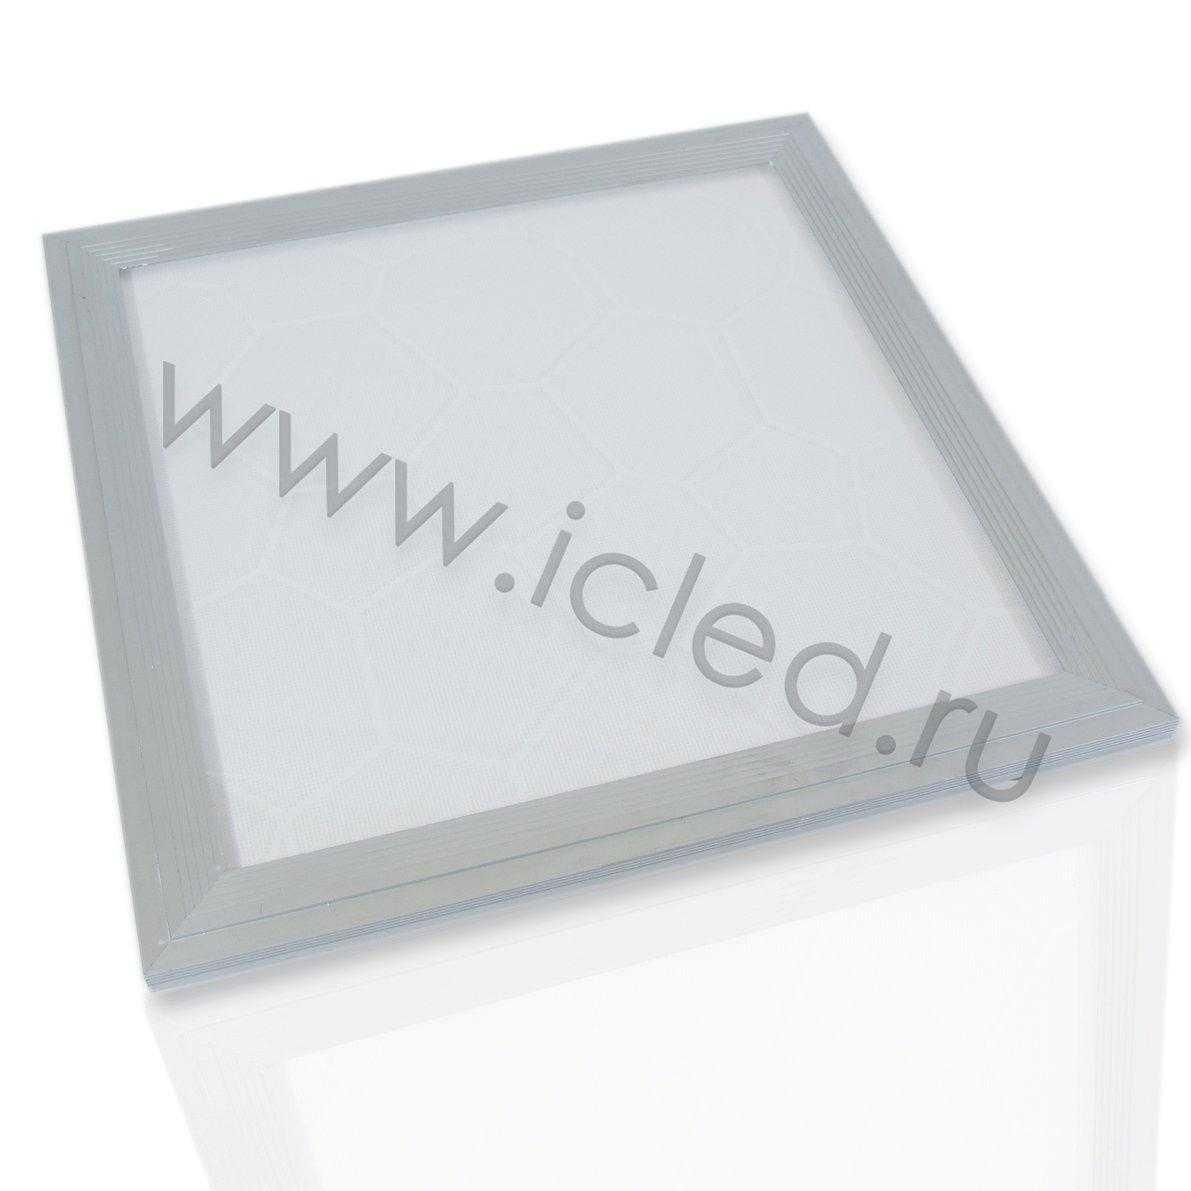 Светодиодная панель S L300 DIAMOND (18W, 220V, Warm White)